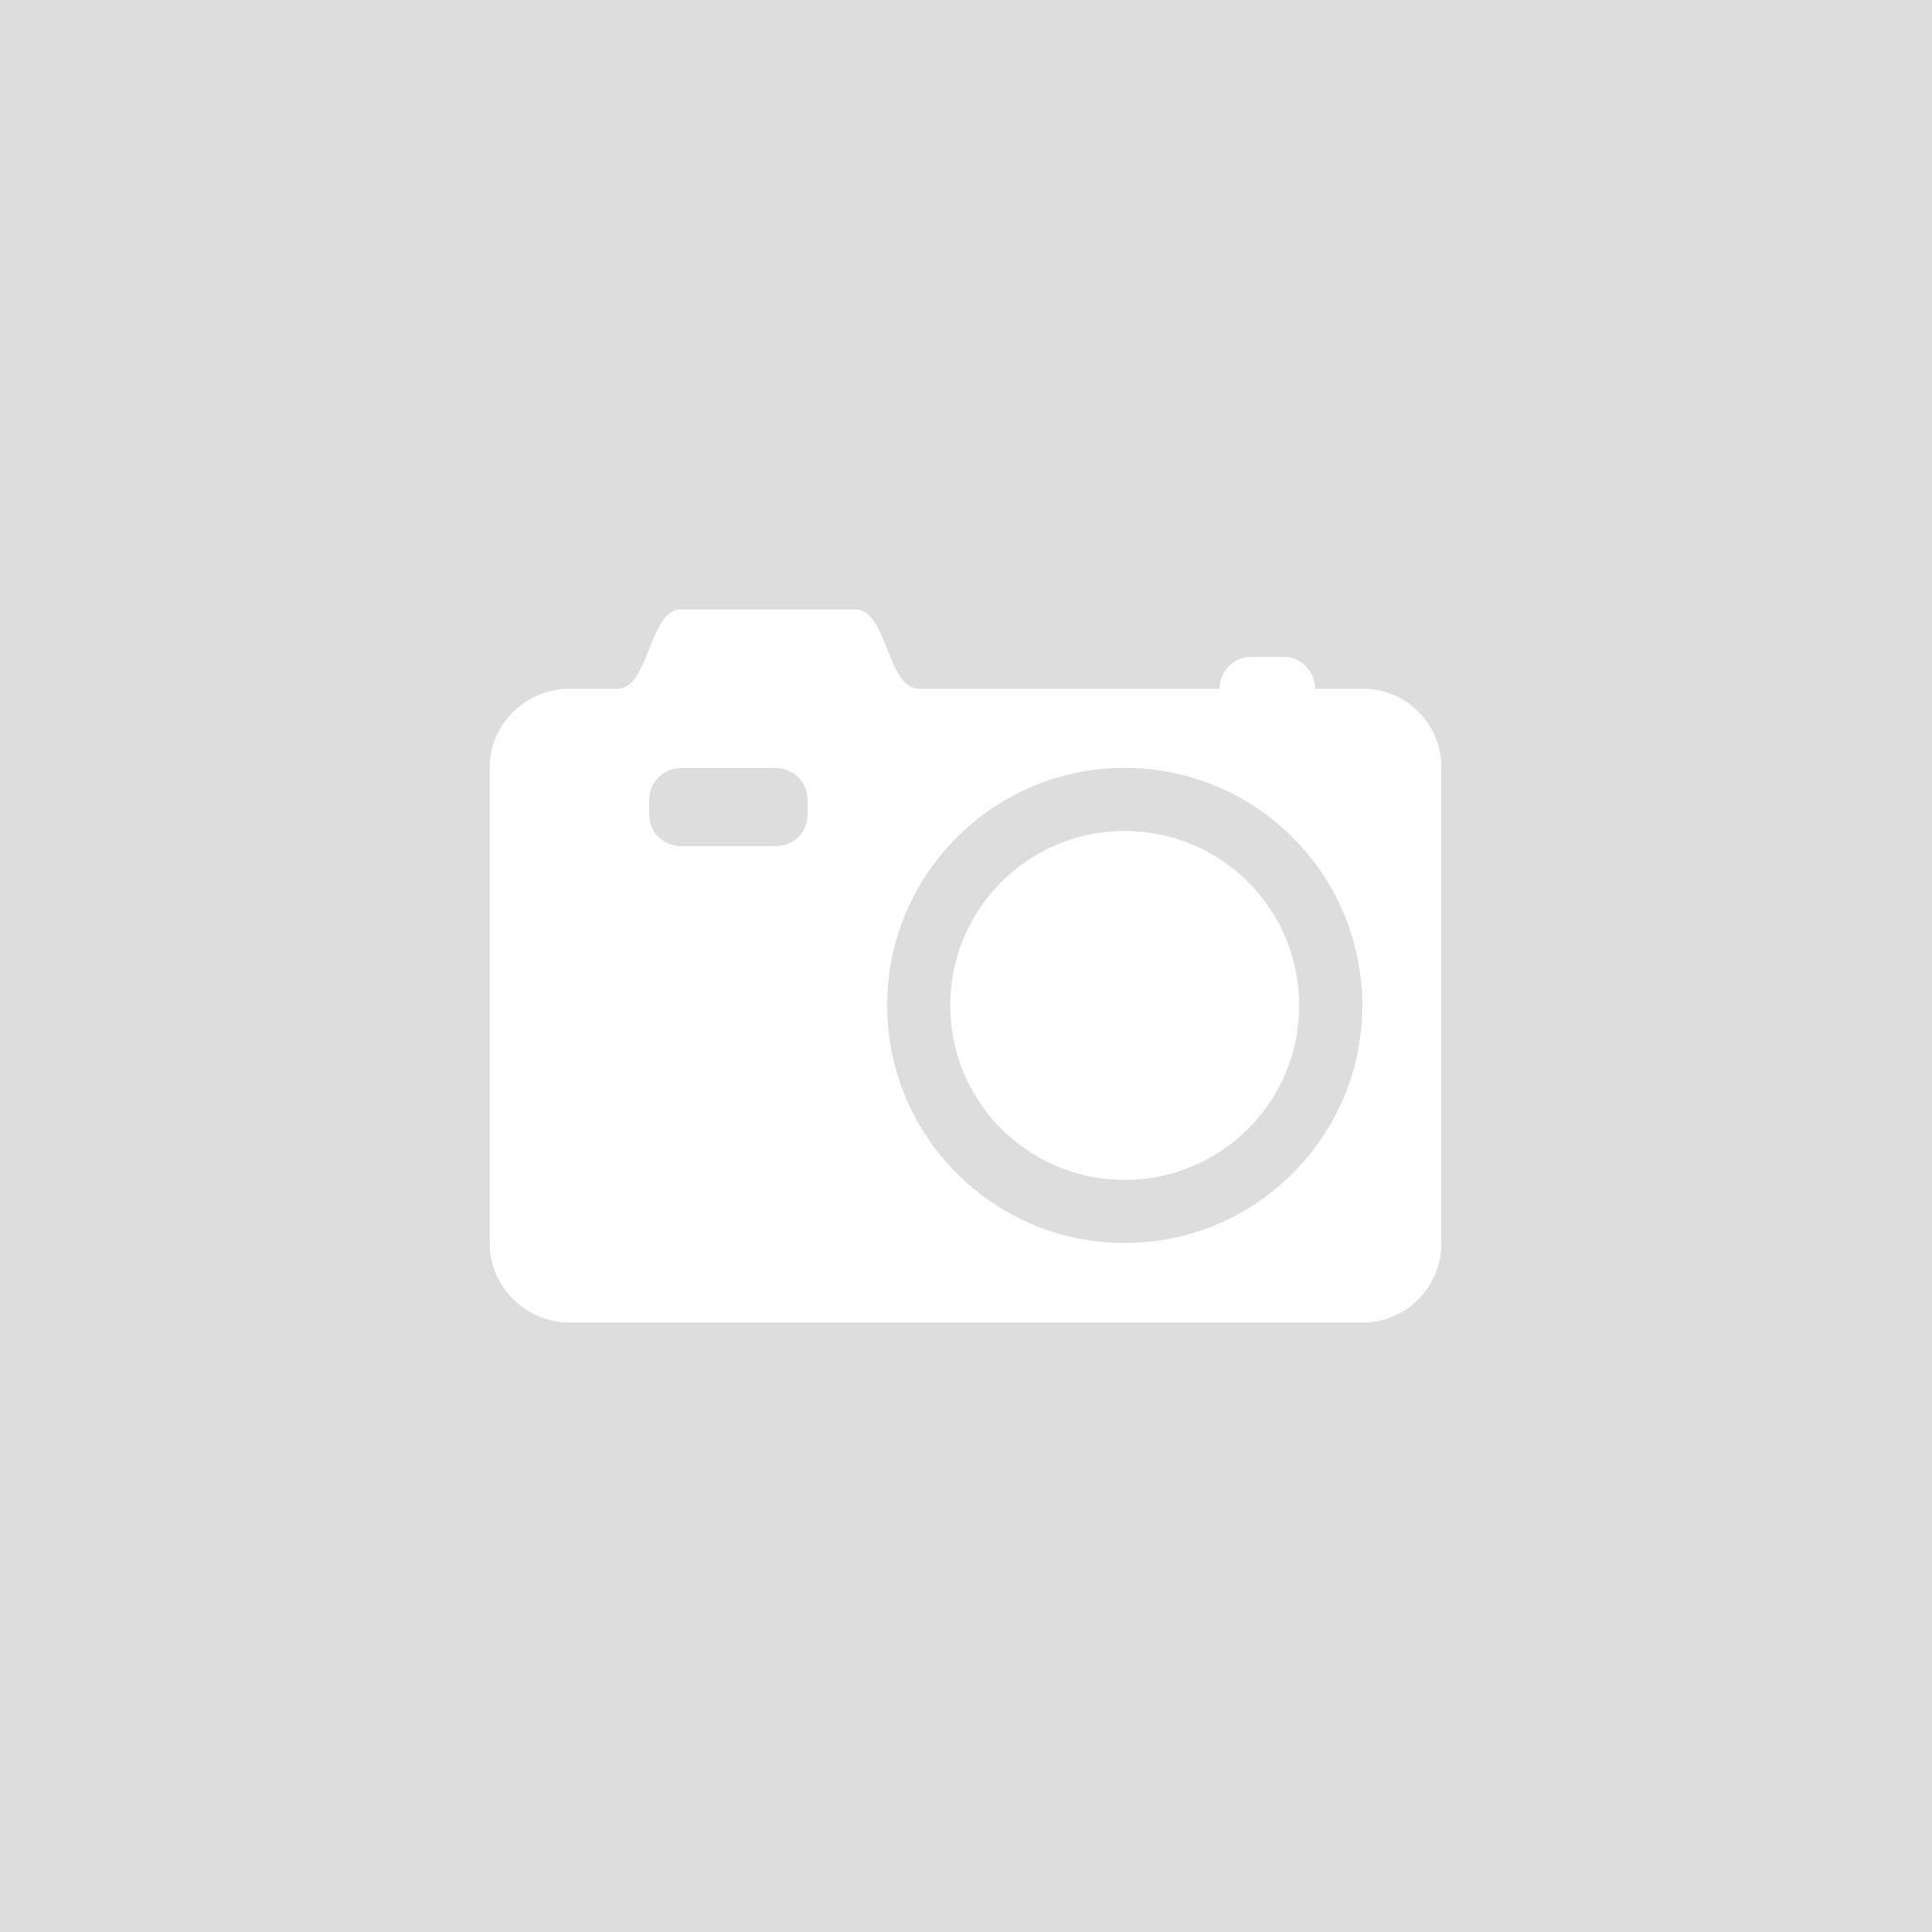 Shaggy Plait Textured Cushion in Cream by CIMC